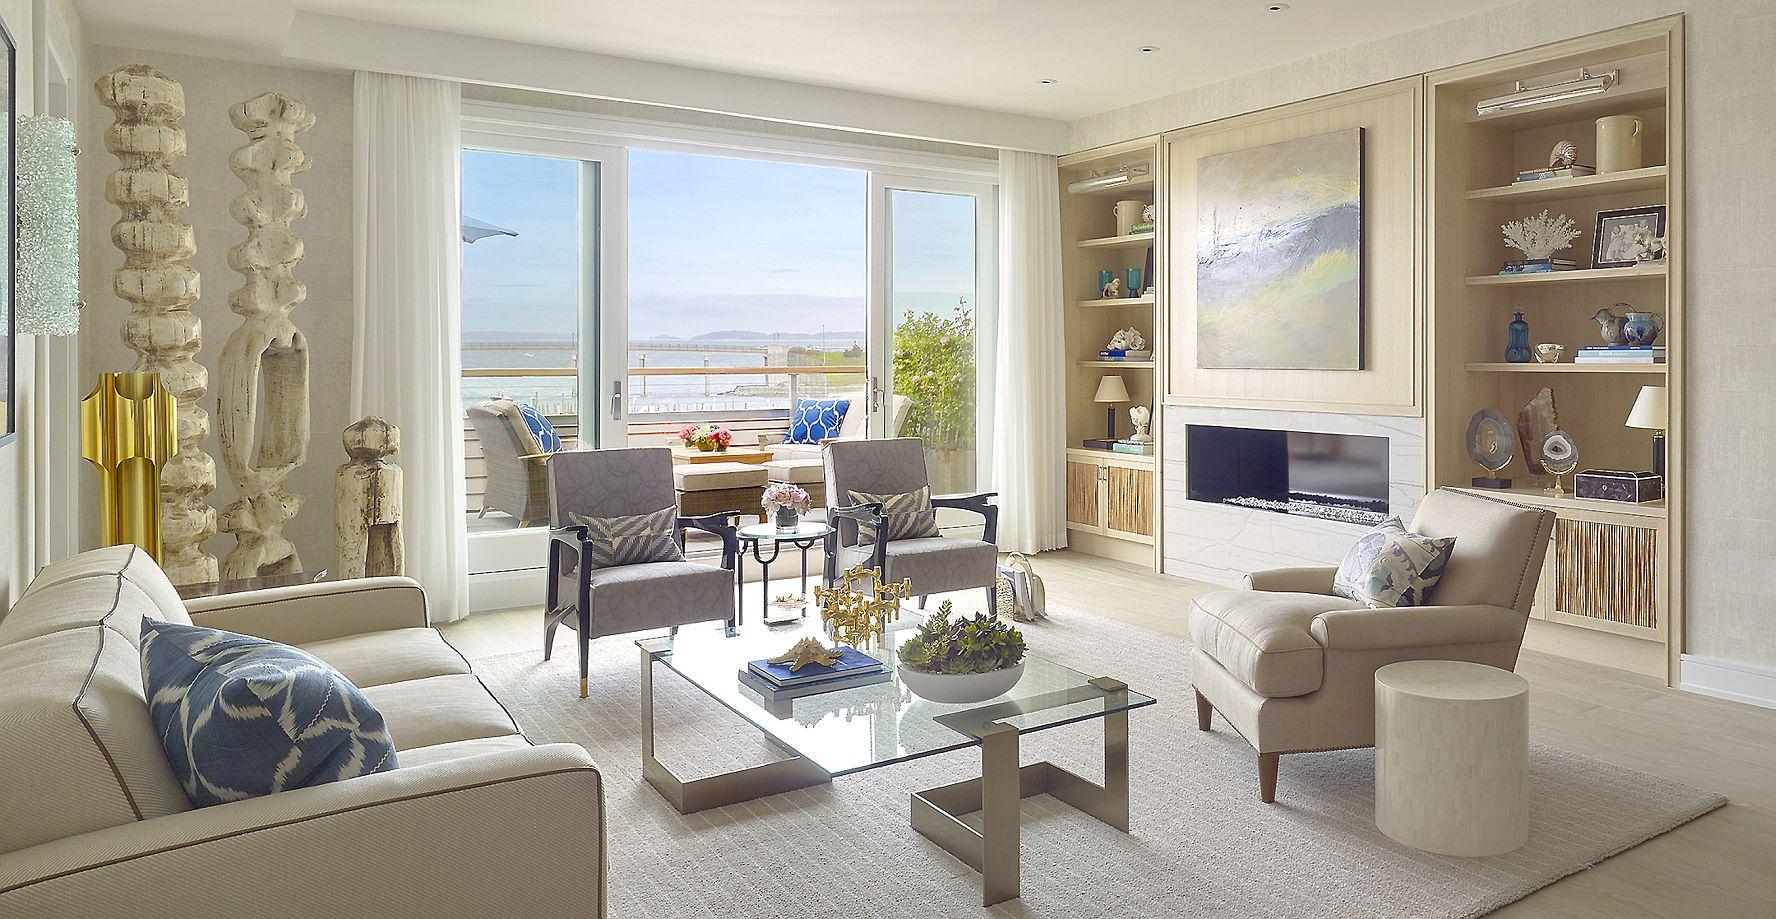 07_Harbor View_Living Room_2.jpg